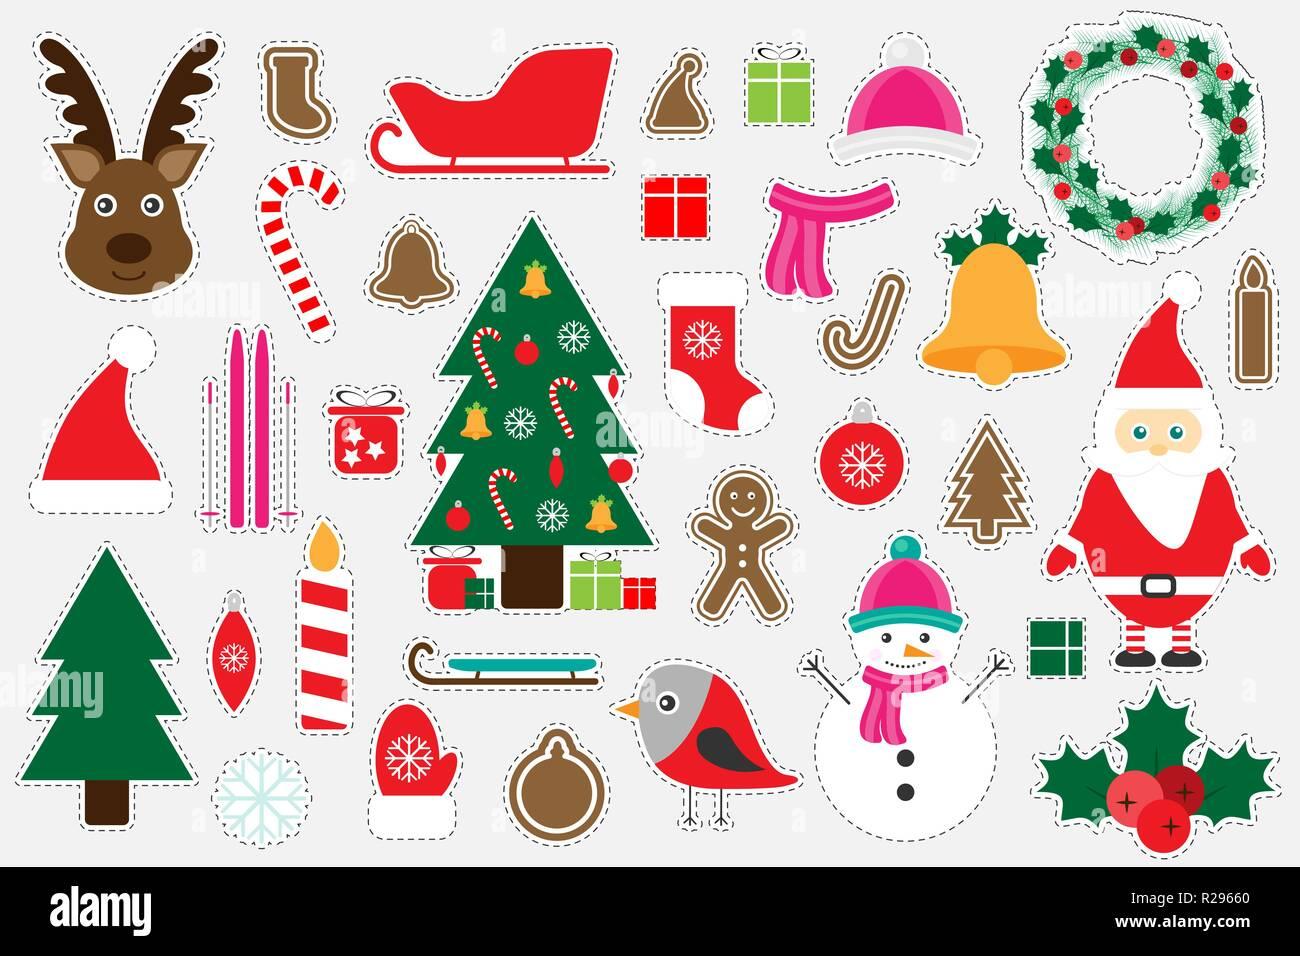 Immagini Di Natale Per Bambini Colorate.Colorate Diverse Foto Di Natale Per I Bambini Divertente